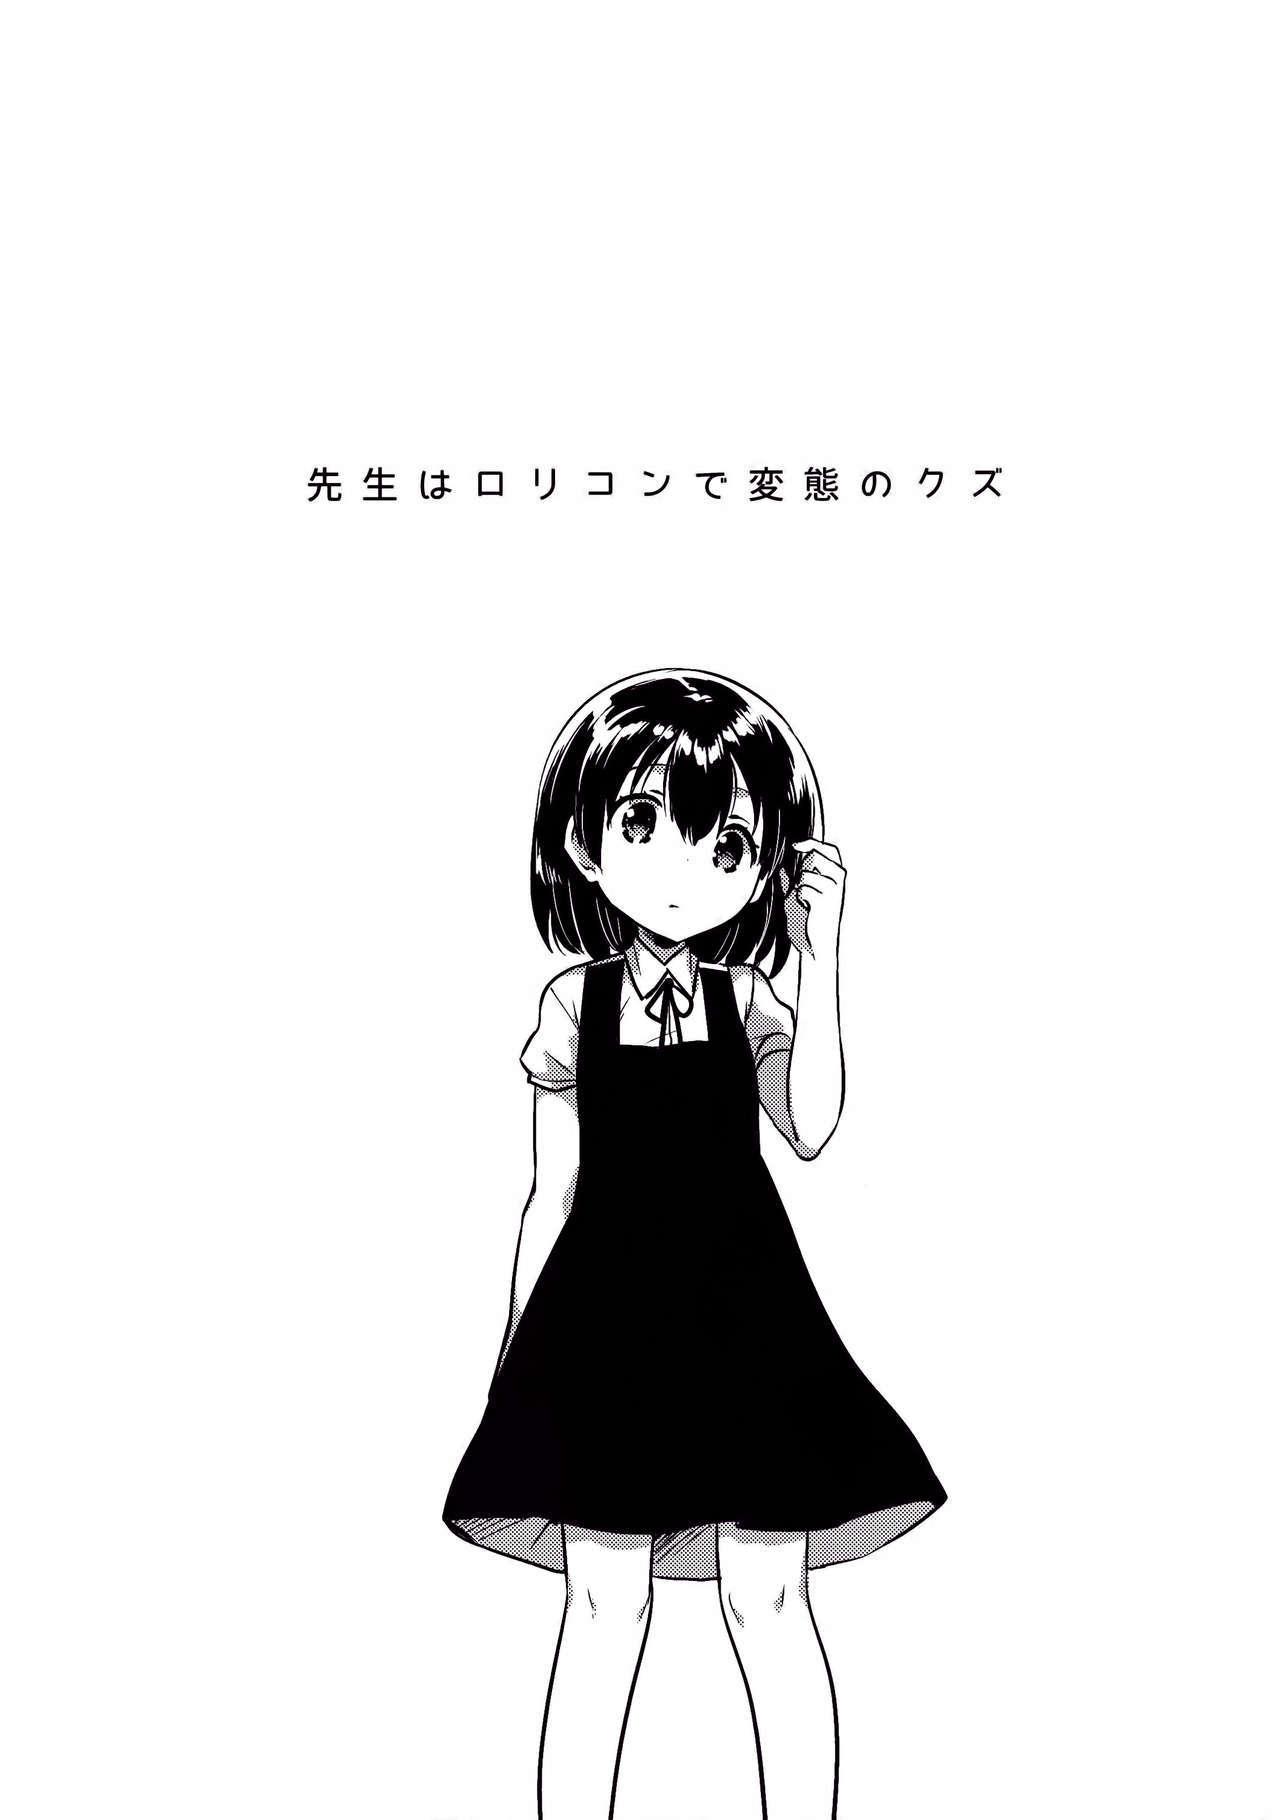 Sensei wa Lolicon de Hentai no Kuzu page 4